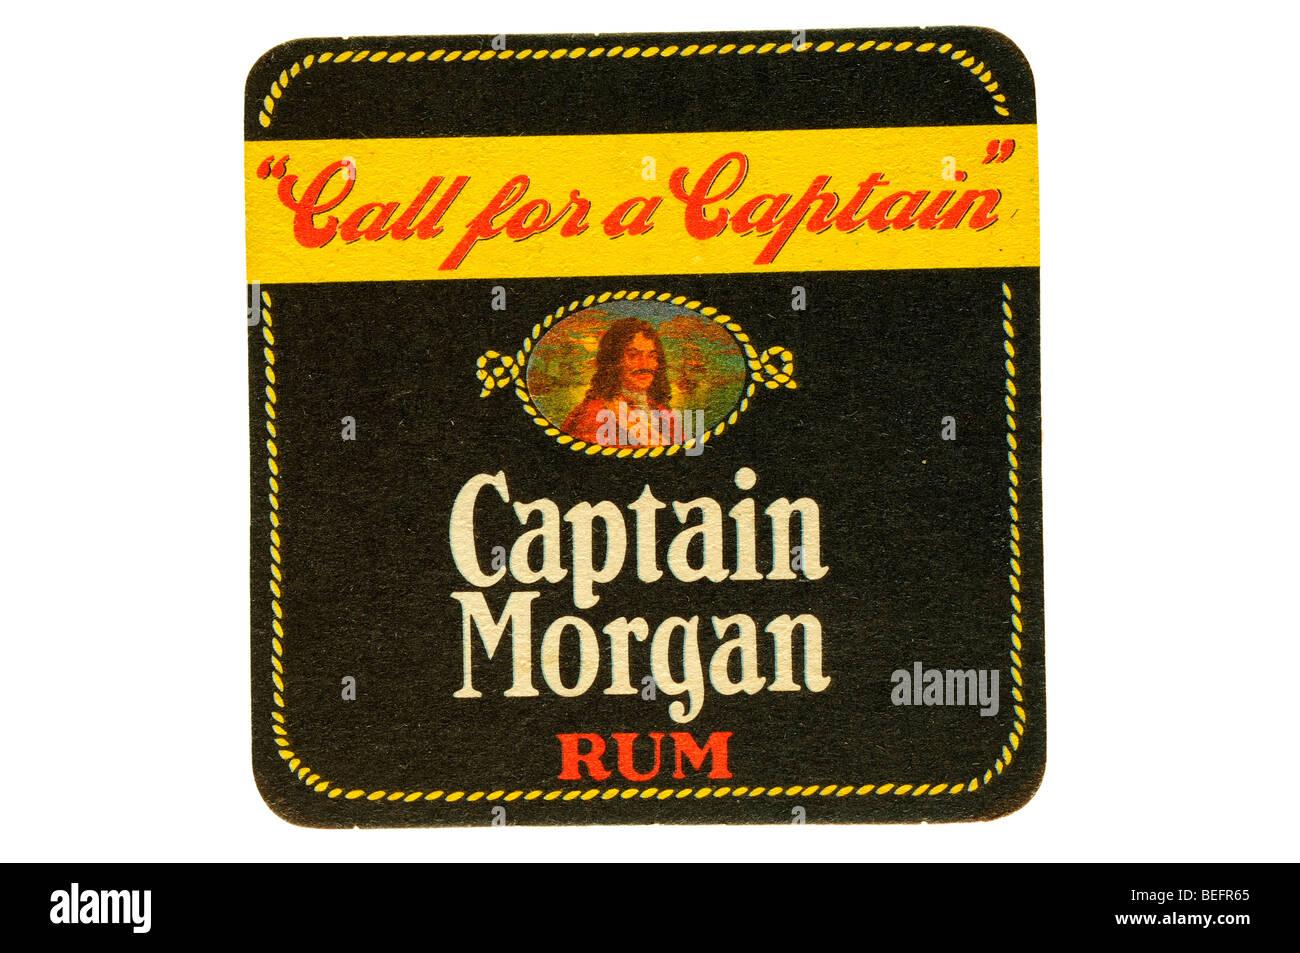 call for a captain captain morgan rum Stock Photo